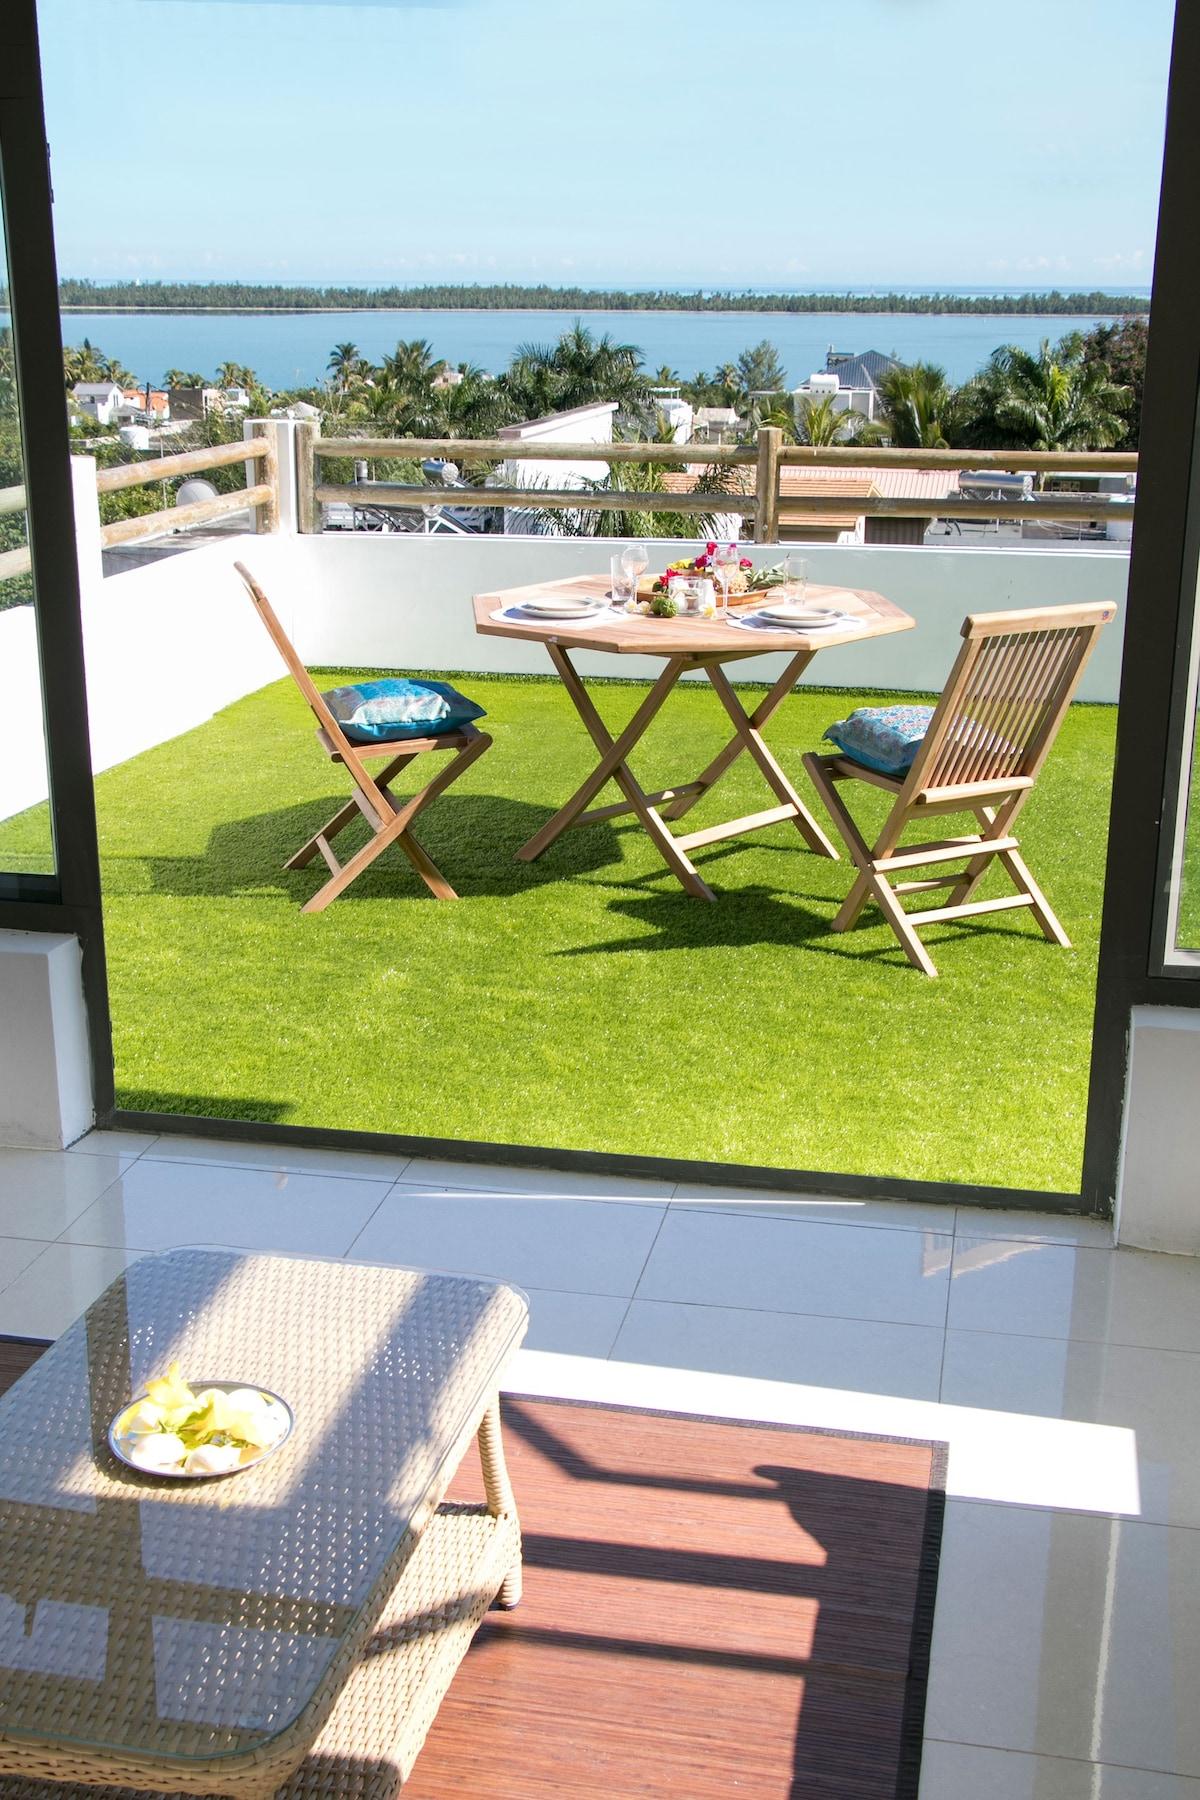 Captivating La Gaulette 2018 (with Photos): Top 20 La Gaulette Vacation Rentals,  Vacation Homes U0026 Condo Rentals   Airbnb La Gaulette, Rivière Noire  District, Mauritius